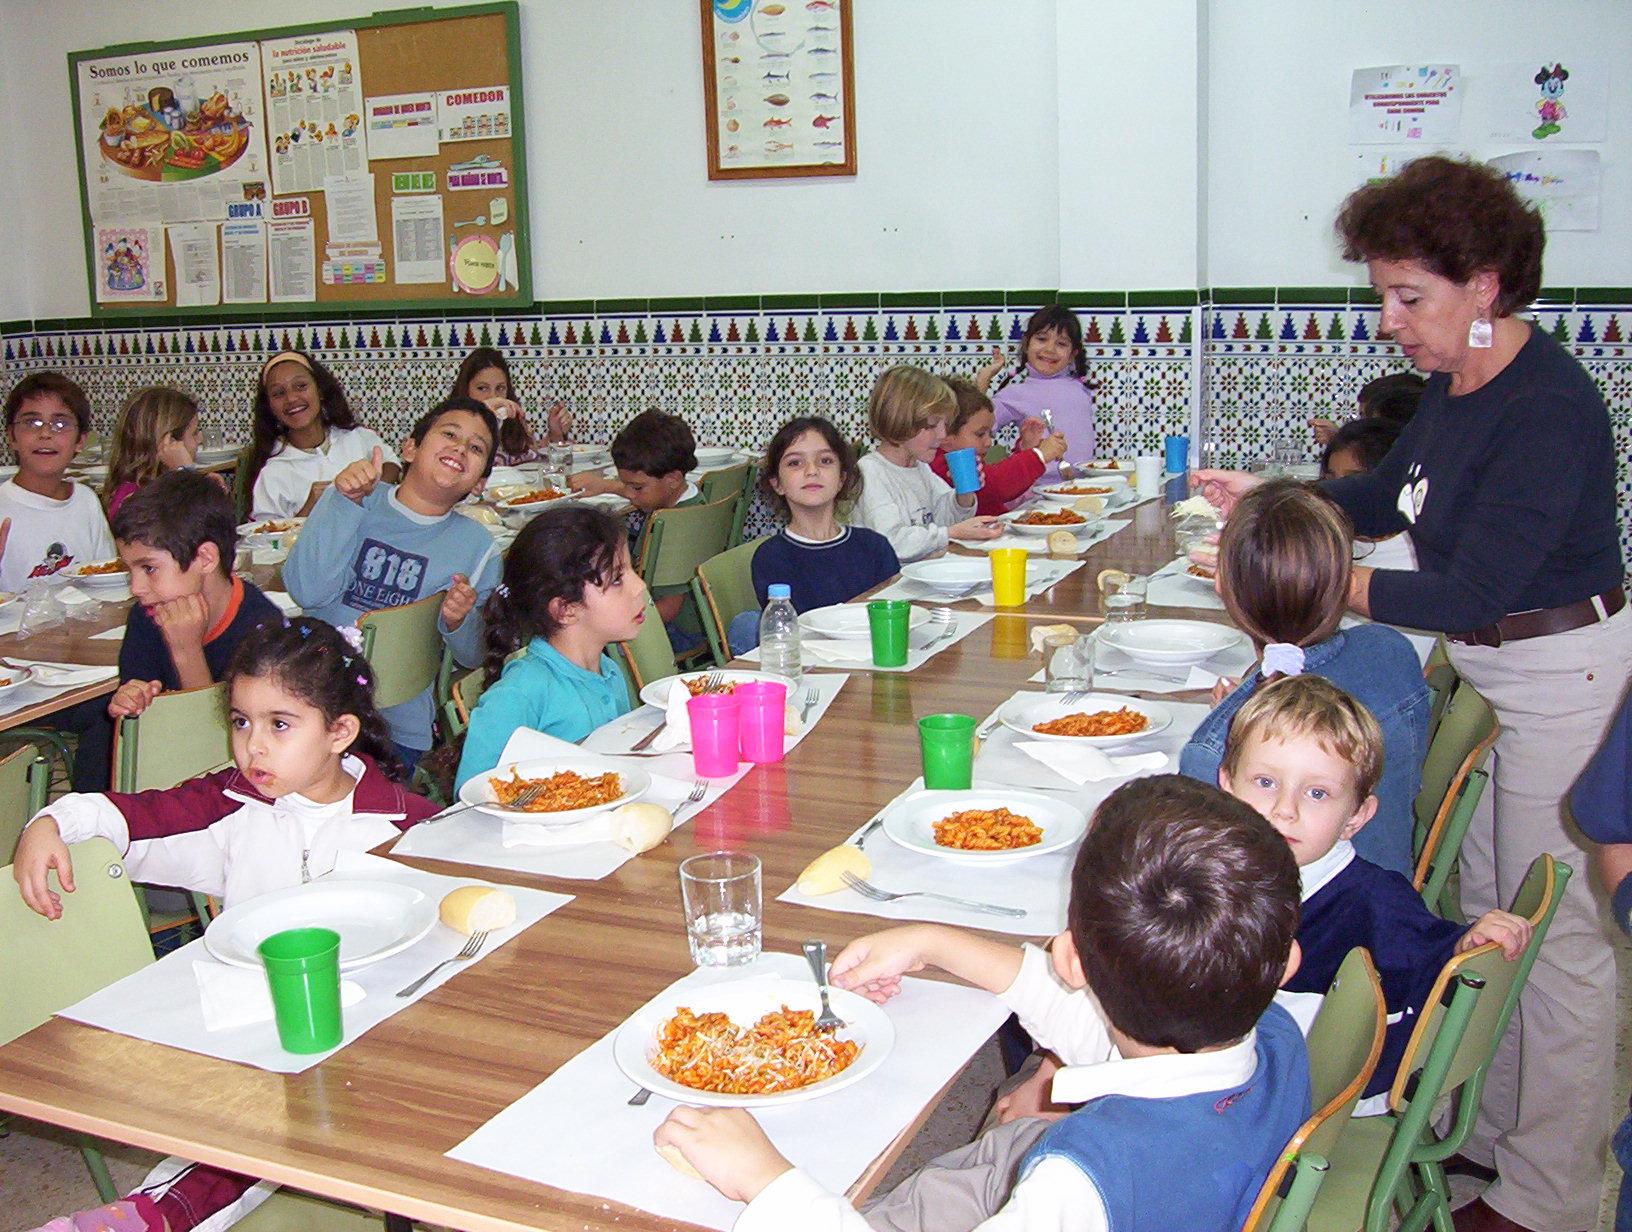 301 moved permanently - Trabajar en comedor escolar ...